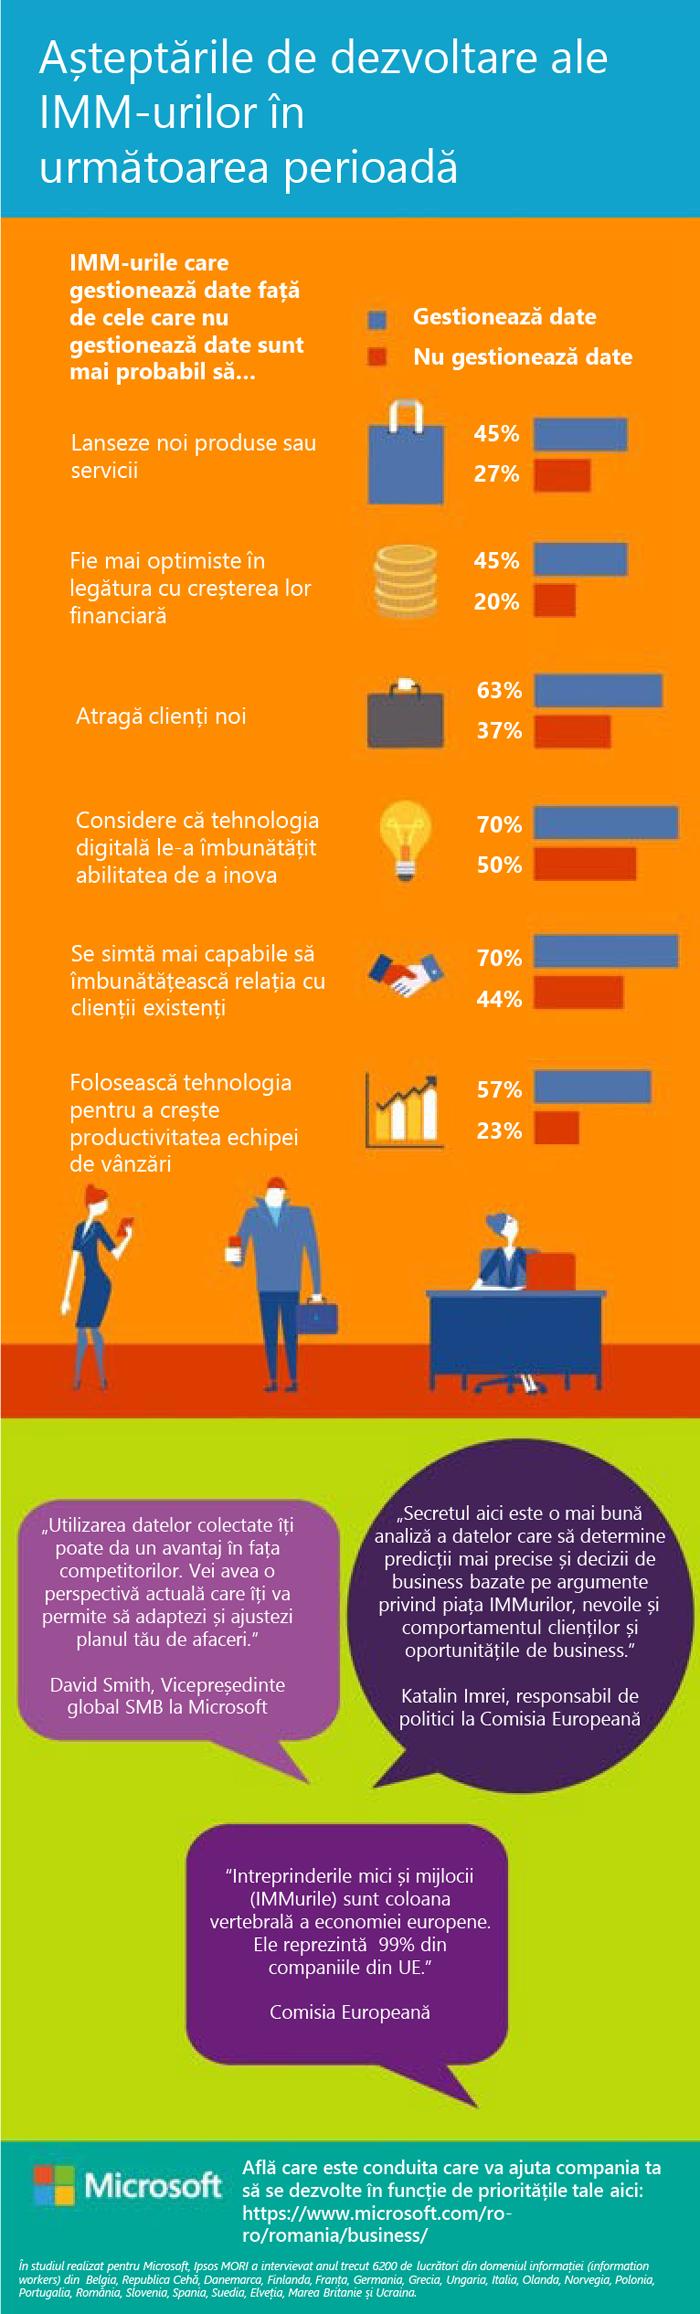 70% din IMM-urile care gestionează date consideră că tehnologia digitală le-a îmbunătățit capacitatea de a inova